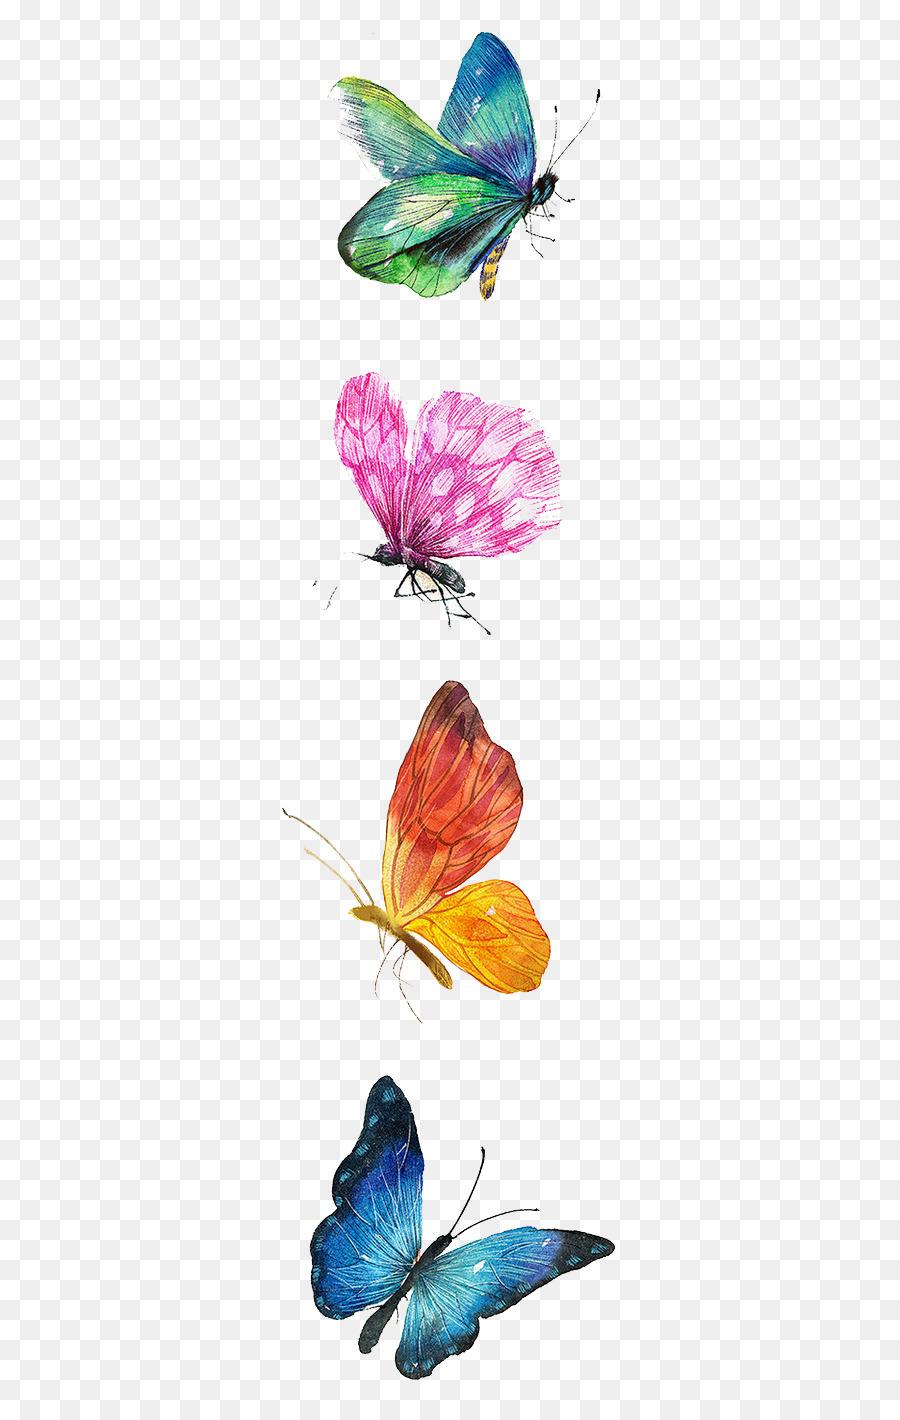 Descarga gratuita de Mariposa, Dibujo, Pintura imágenes PNG